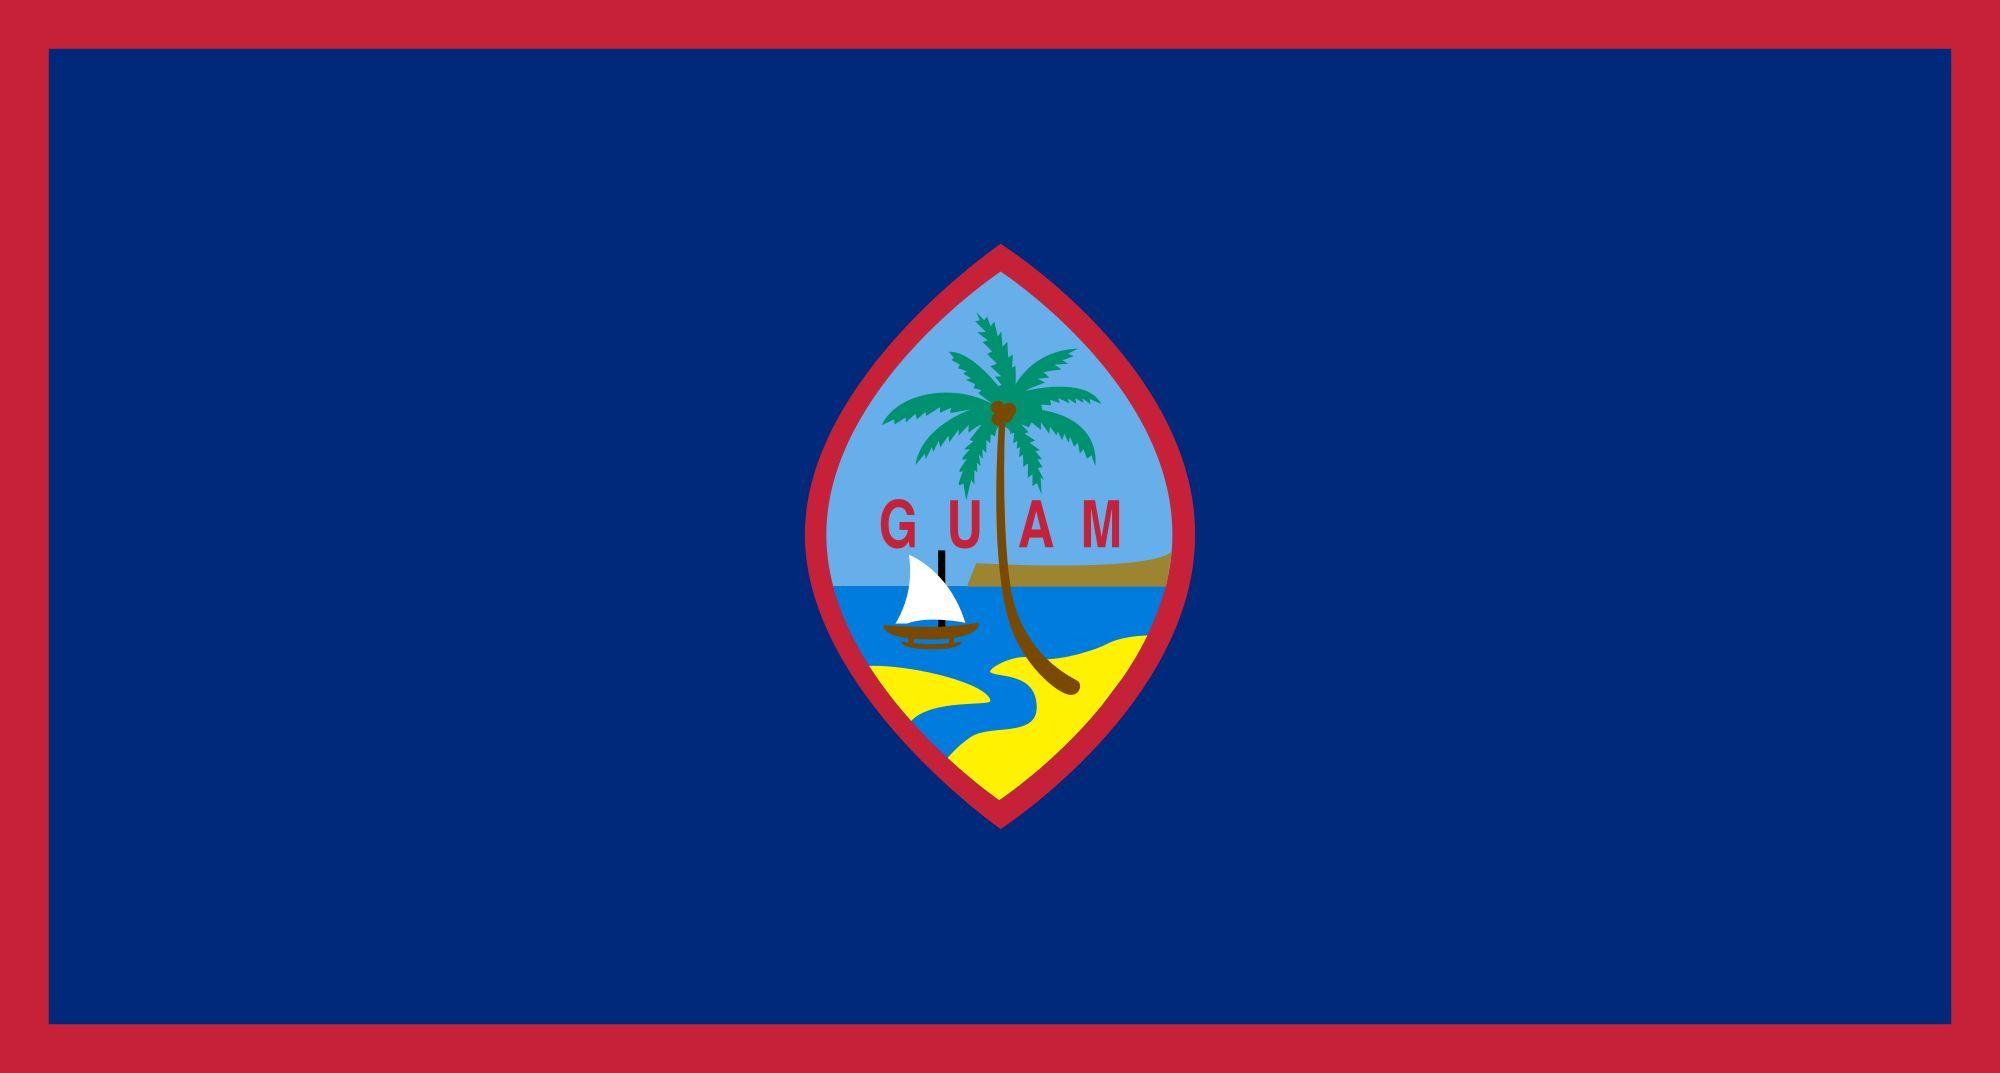 Oceanía está llena de territorios que dependen de otros países. Un ejemplo es Guam. ¿Qué estatus tiene esta isla dentro de EEUU?